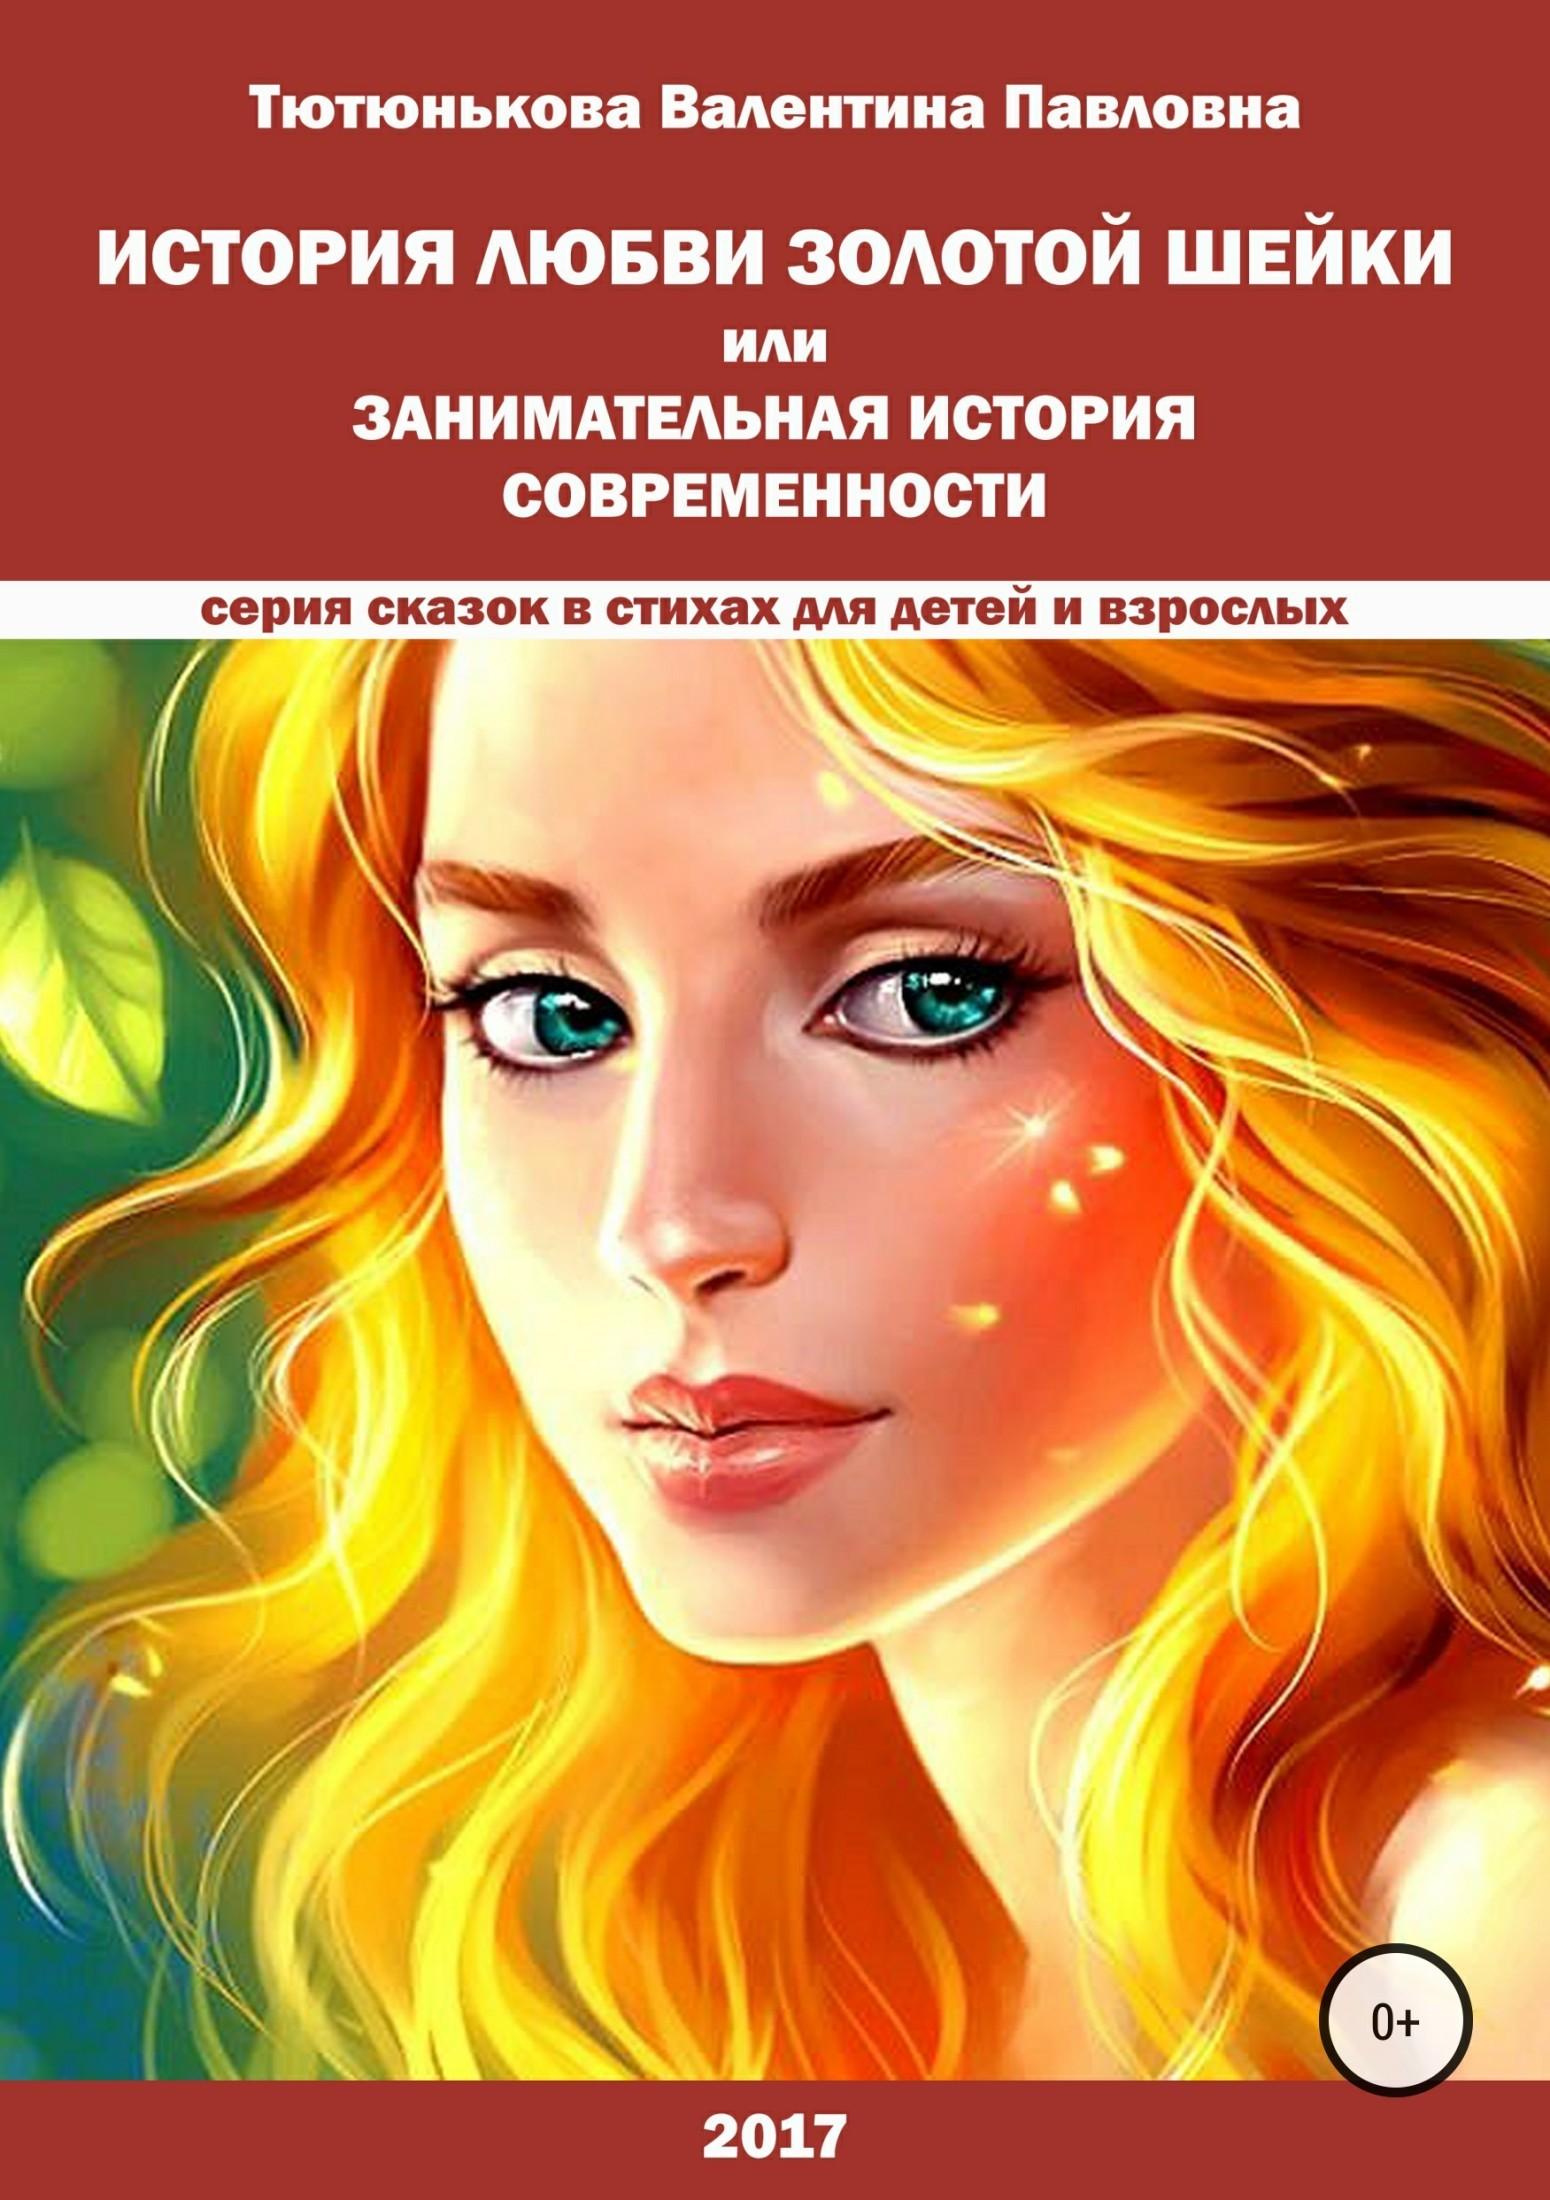 Валентина Тютюнькова - История любви Золотой Шейки или занимательная история современности